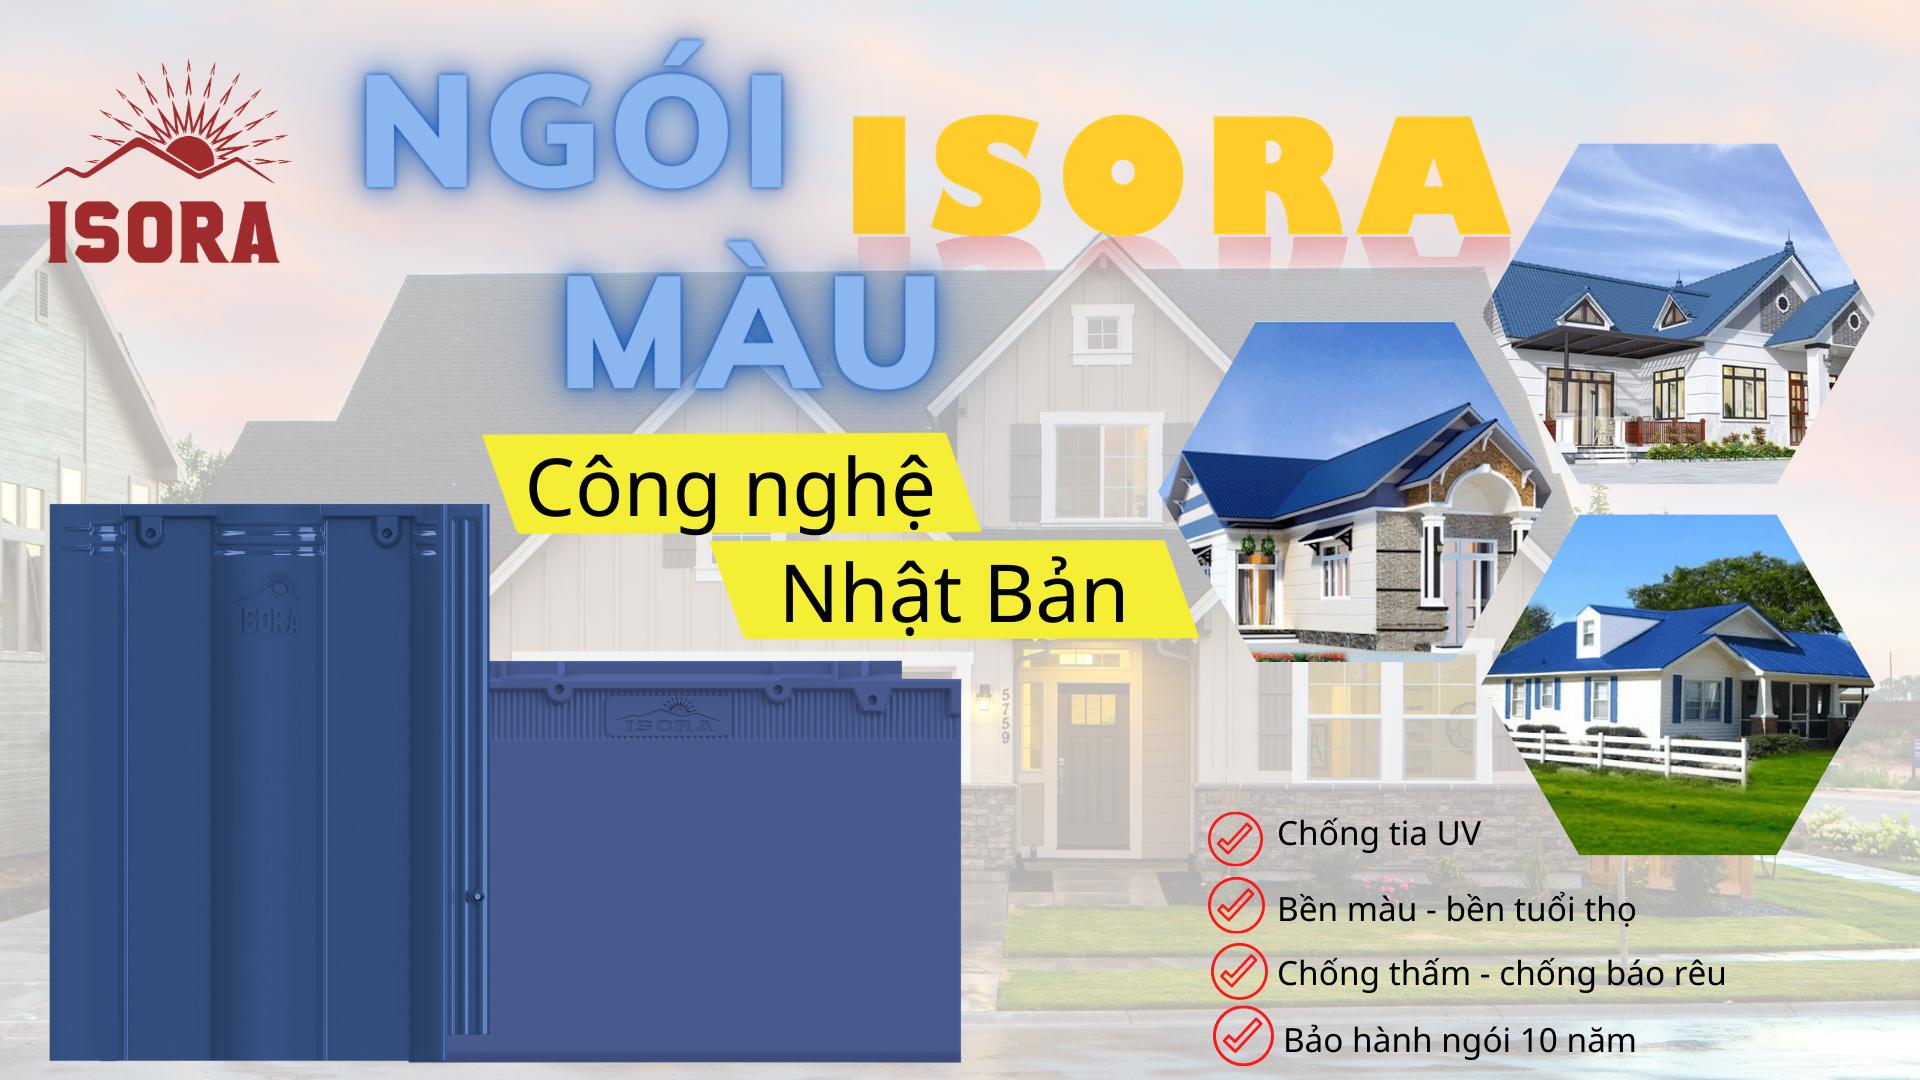 Ngói ISORA màu xanh dương cho ngôi nhà ấn tượng và nổi bật.